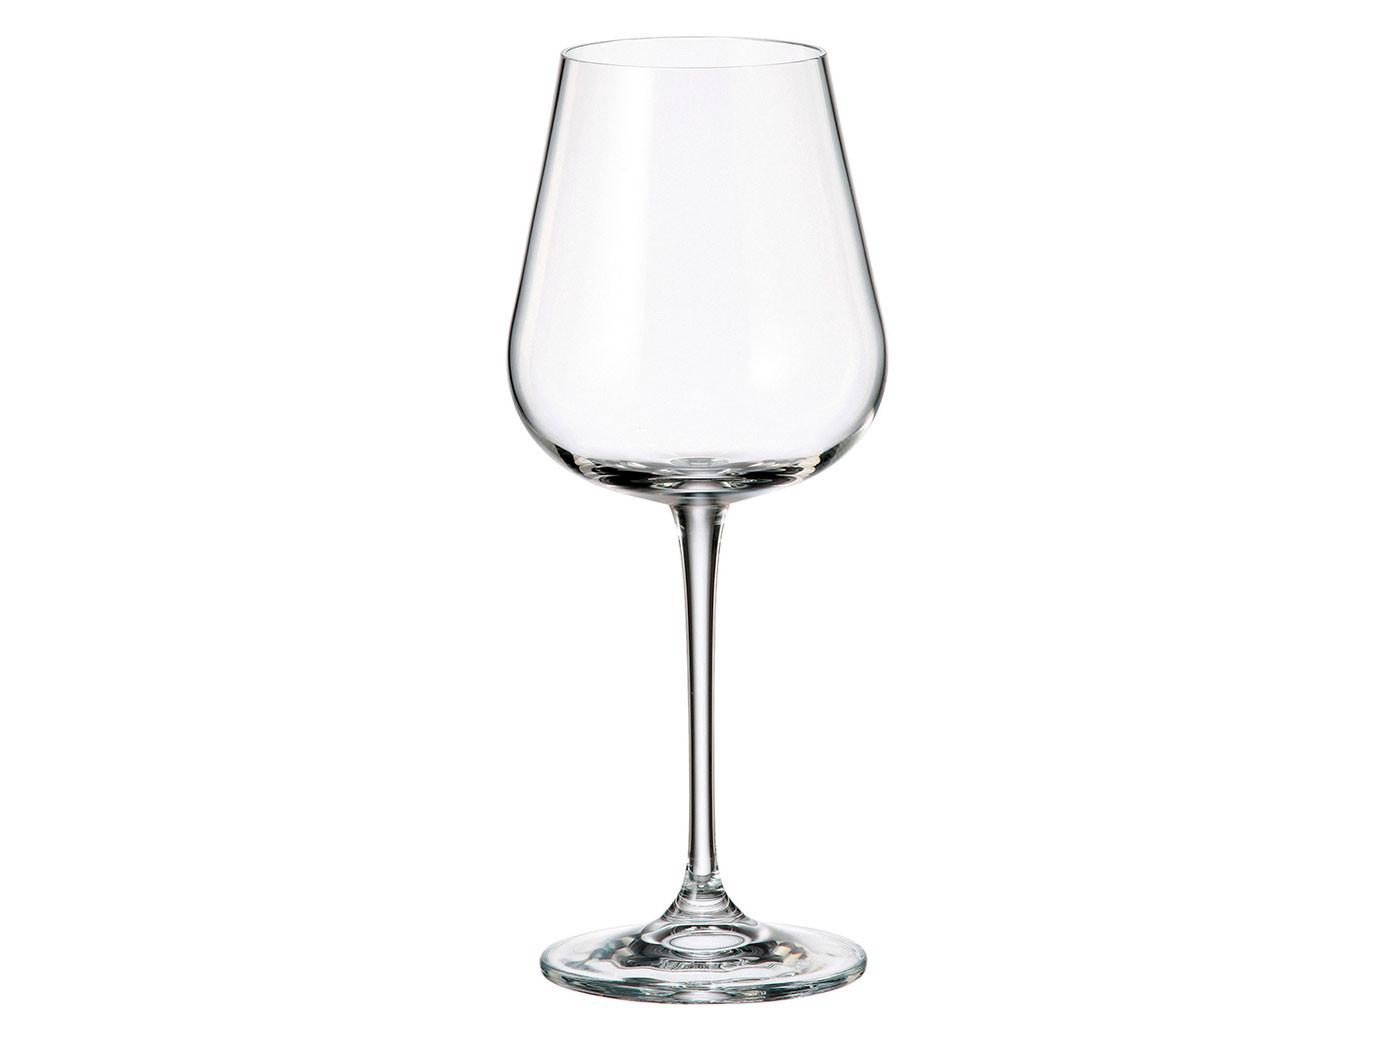 Фото - Набор бокалов Первый Мебельный Набор бокалов для вина Crystalite Bohemia Ardea/Amundsen 450мл (6 шт) набор бокалов первый мебельный набор бокалов для вина crystalite bohemia ardea amundsen 450мл 6 шт